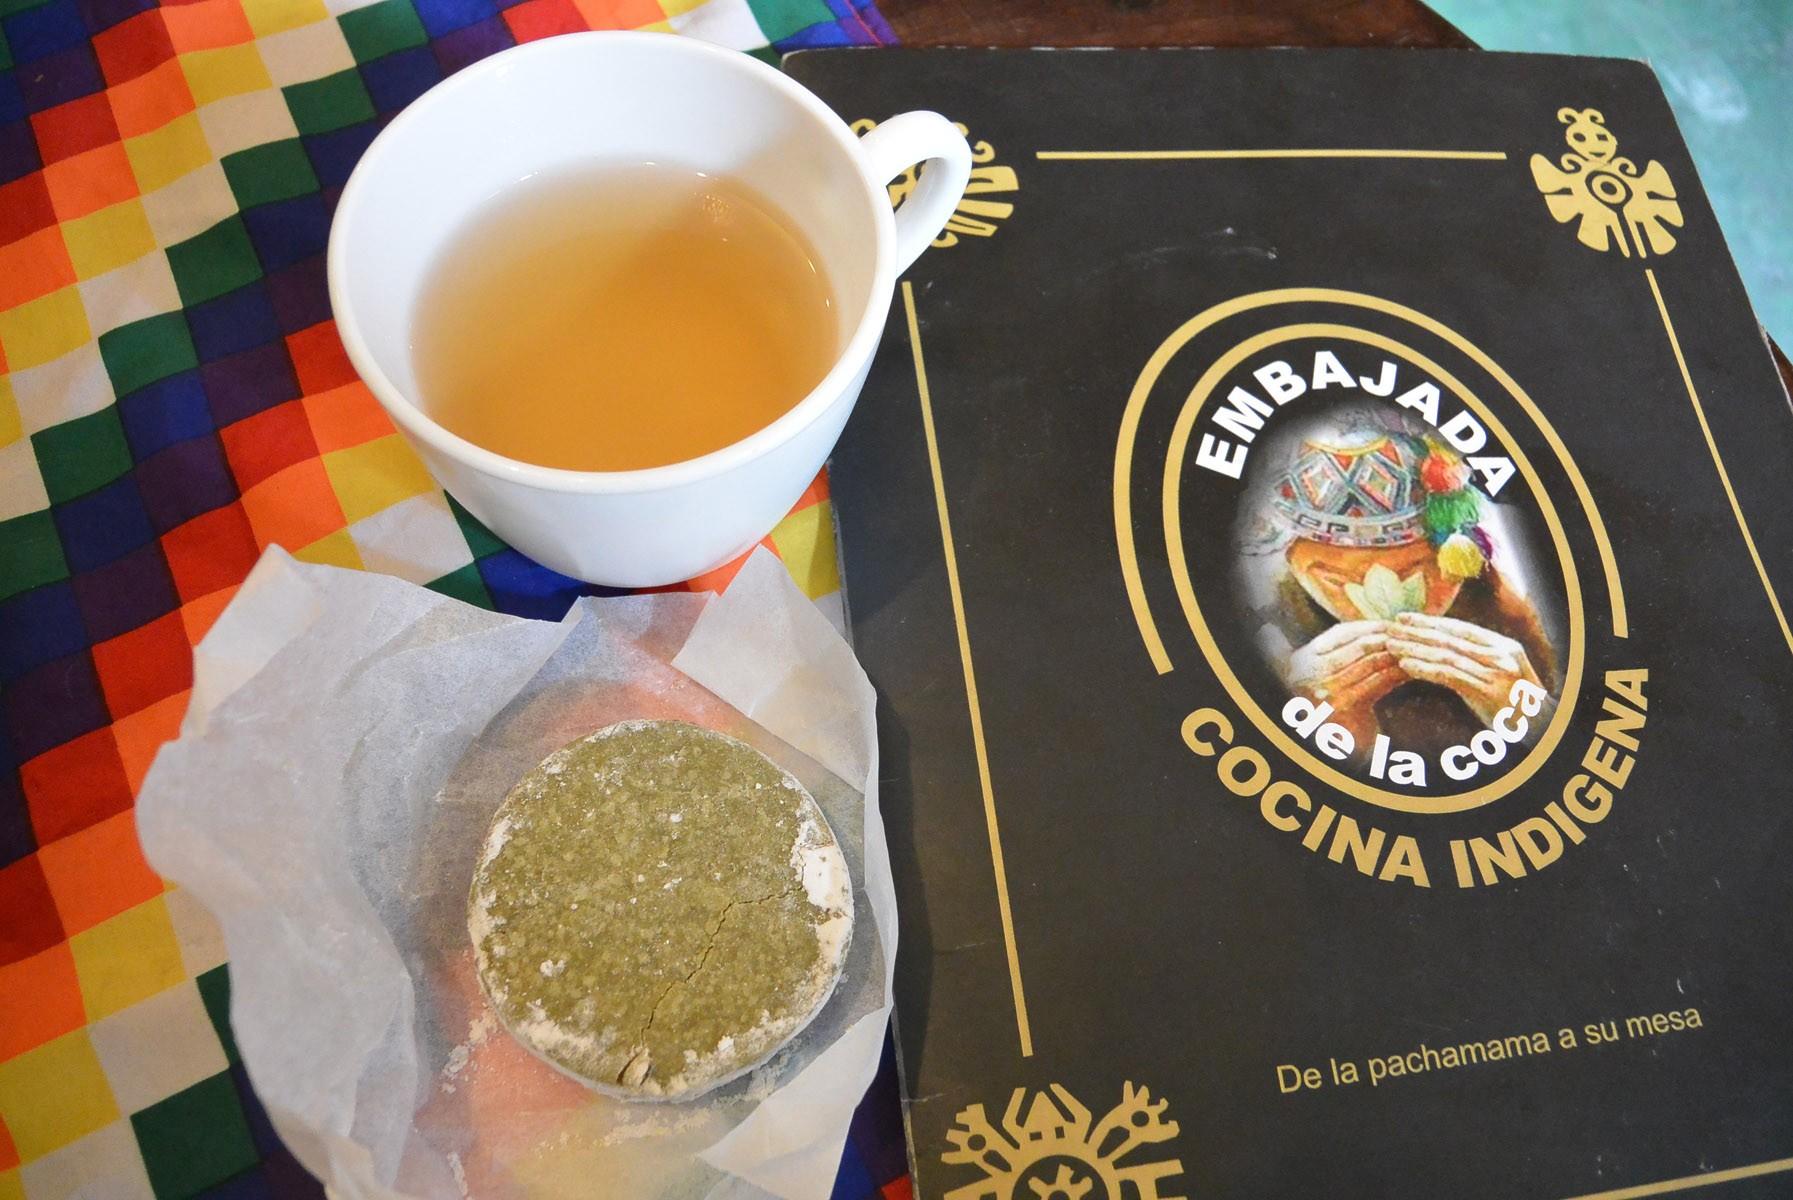 Image 8 - Coca tea y alfahore